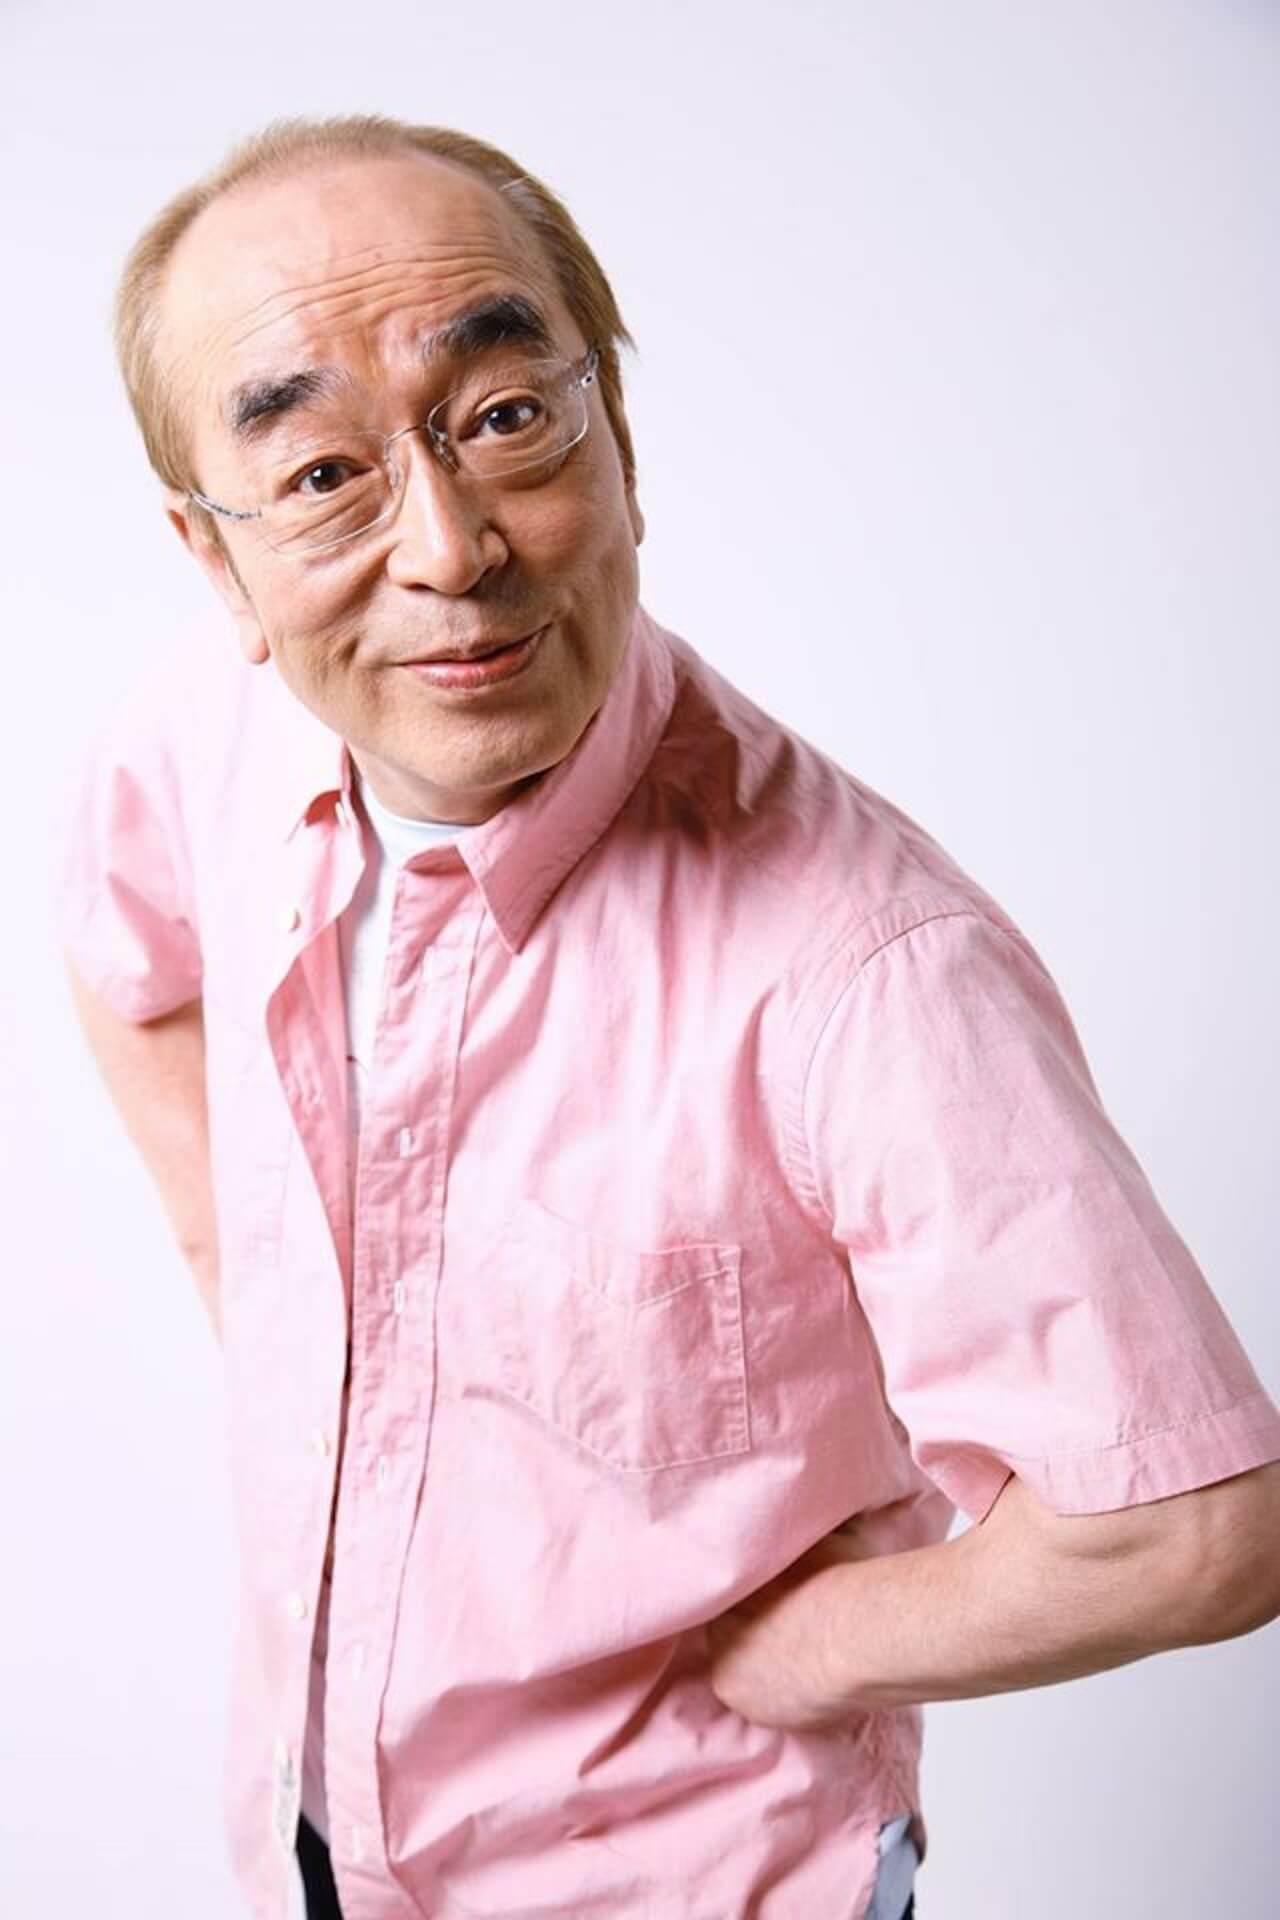 志村けんさん、新型コロナウイルス感染による肺炎で逝去|SNSでも追悼の声多数 art200330_shimuraken_1